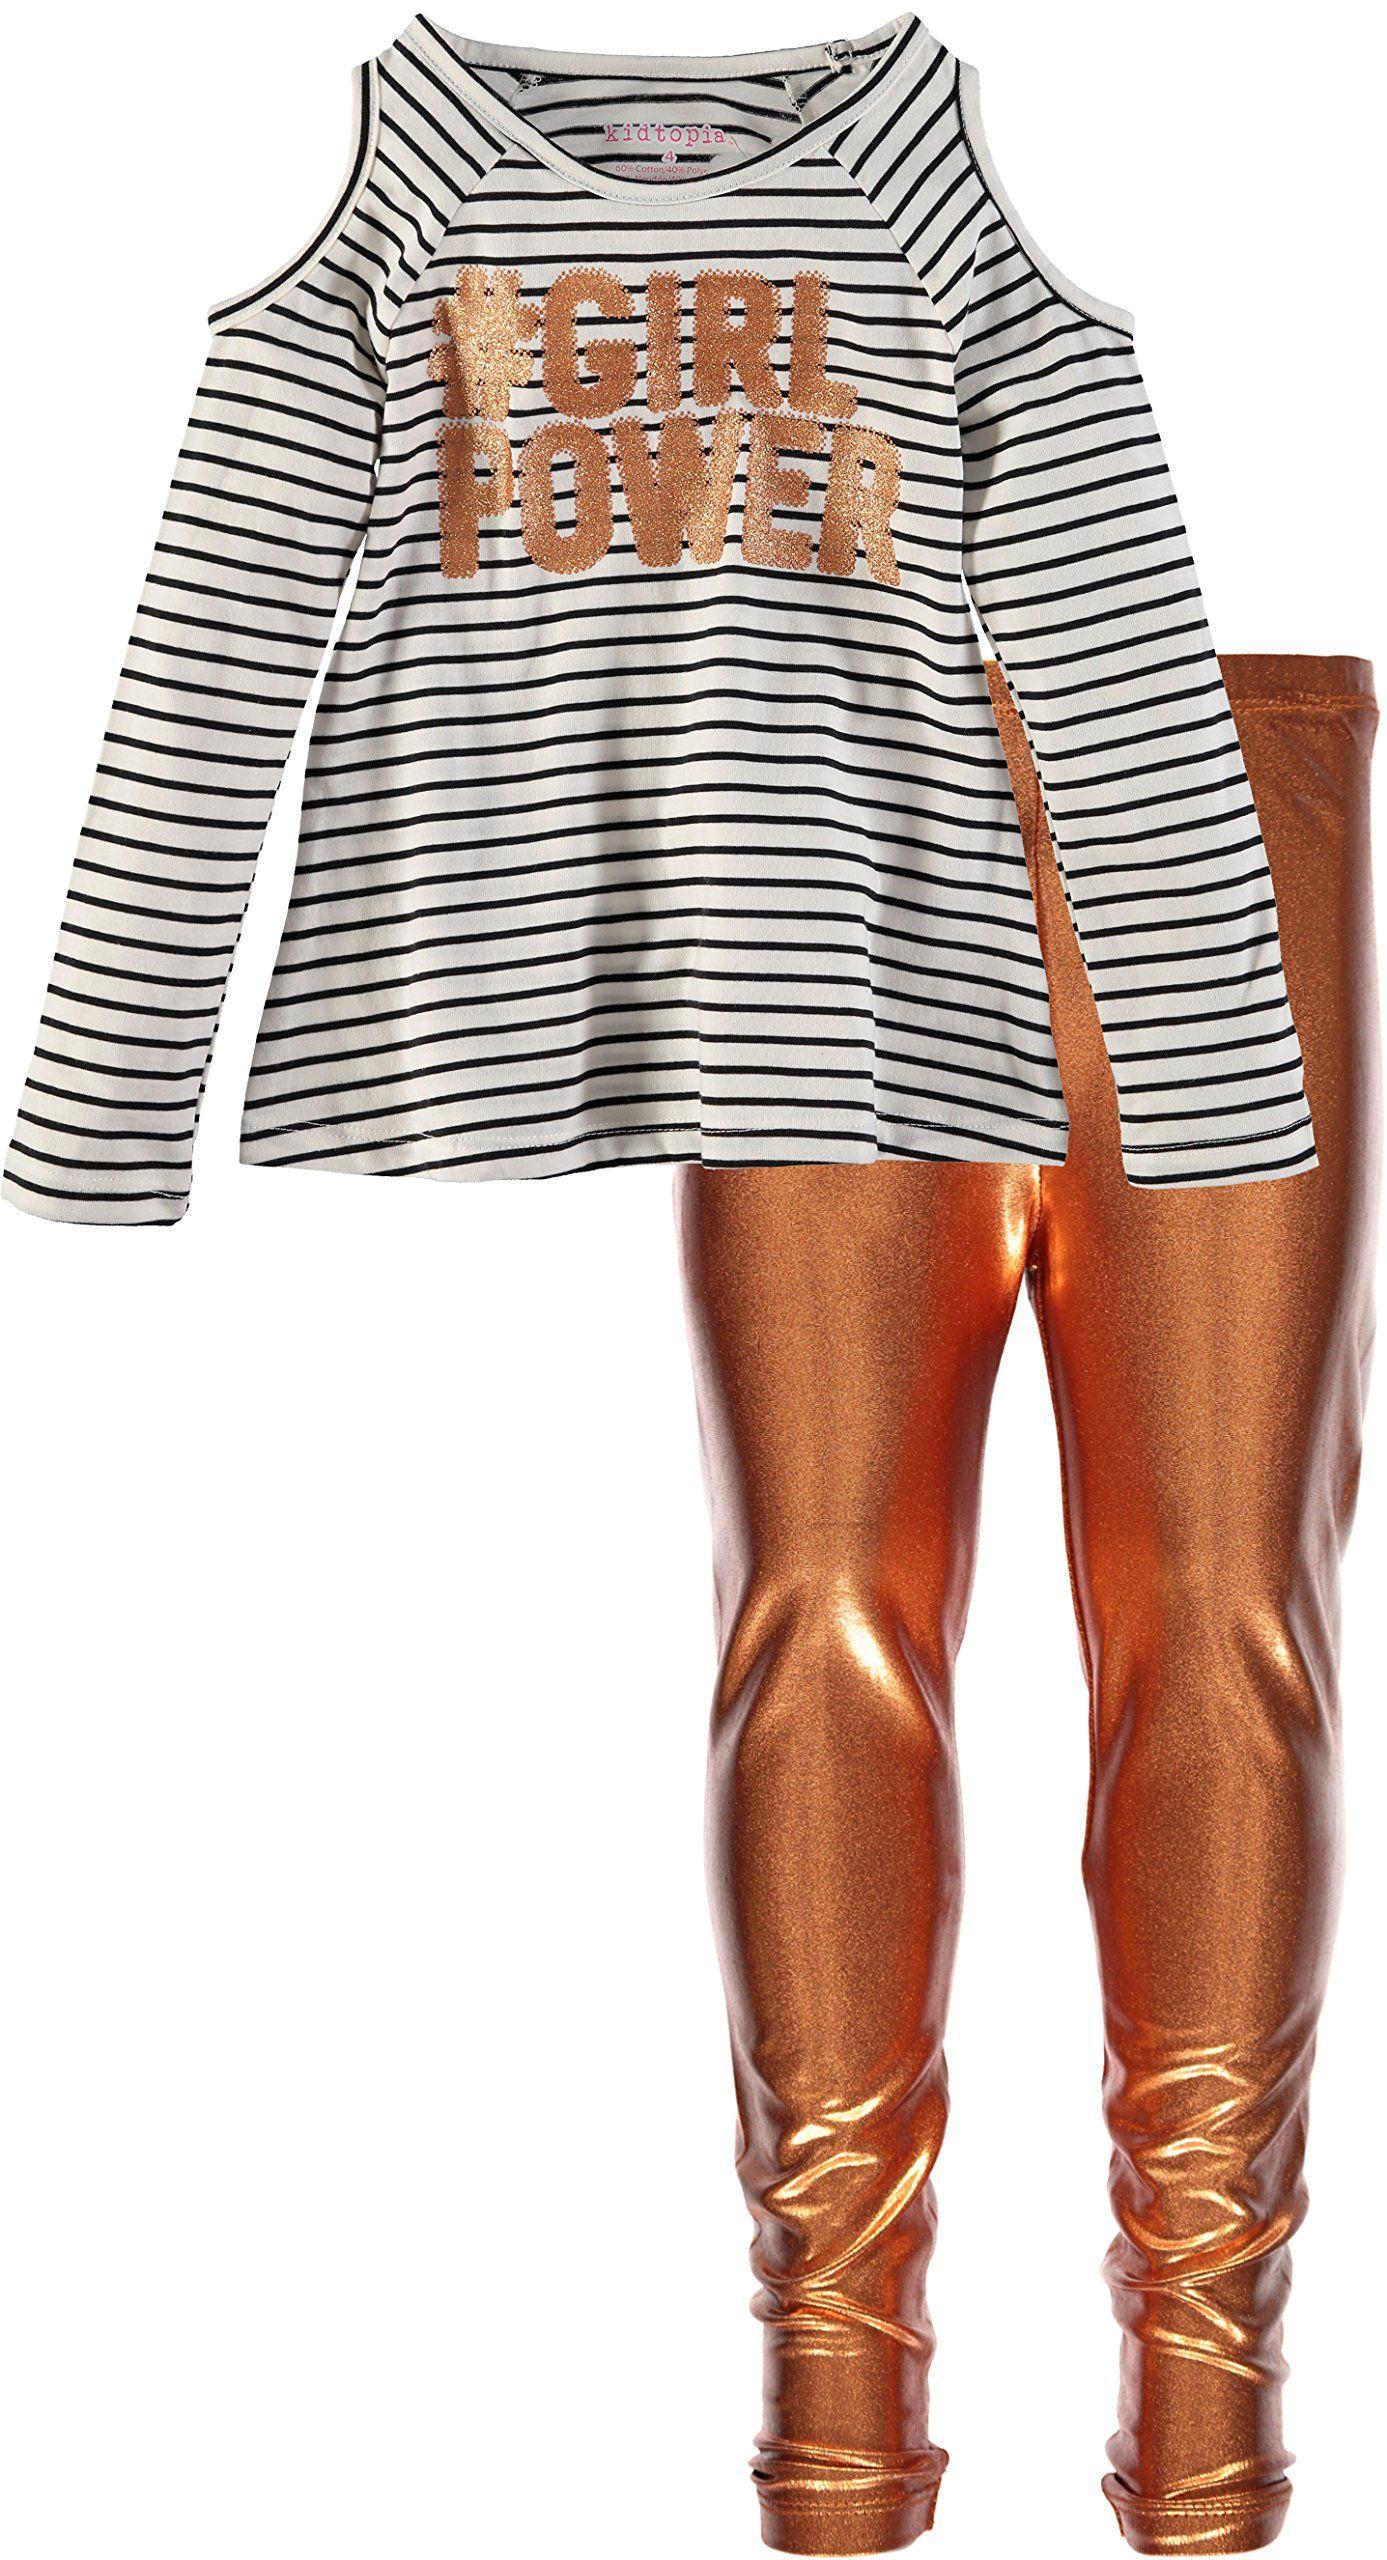 005c127b94dc2 Kidtopia Girls  Stripe Top Metallic Legging Set (4